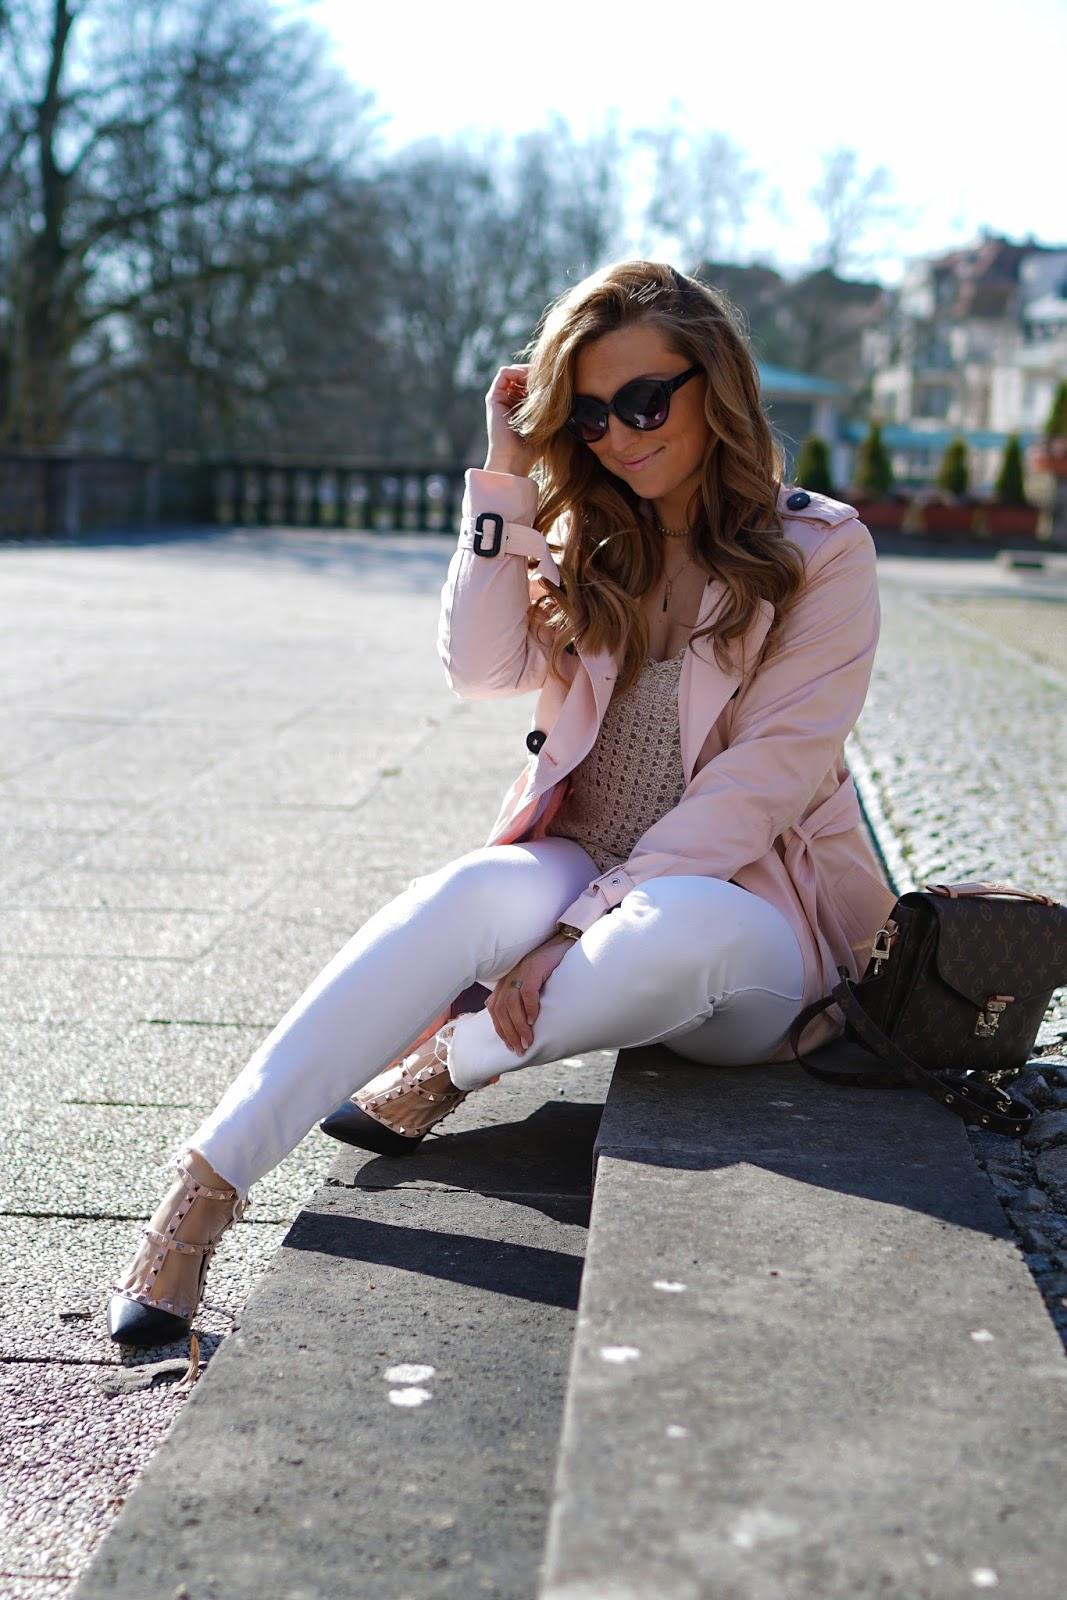 klassischer-trenchcoat-wie-kombiniert-man-einen-Trenchcoat-fashionstylebyjohanna-blogger-aus-frankfurt